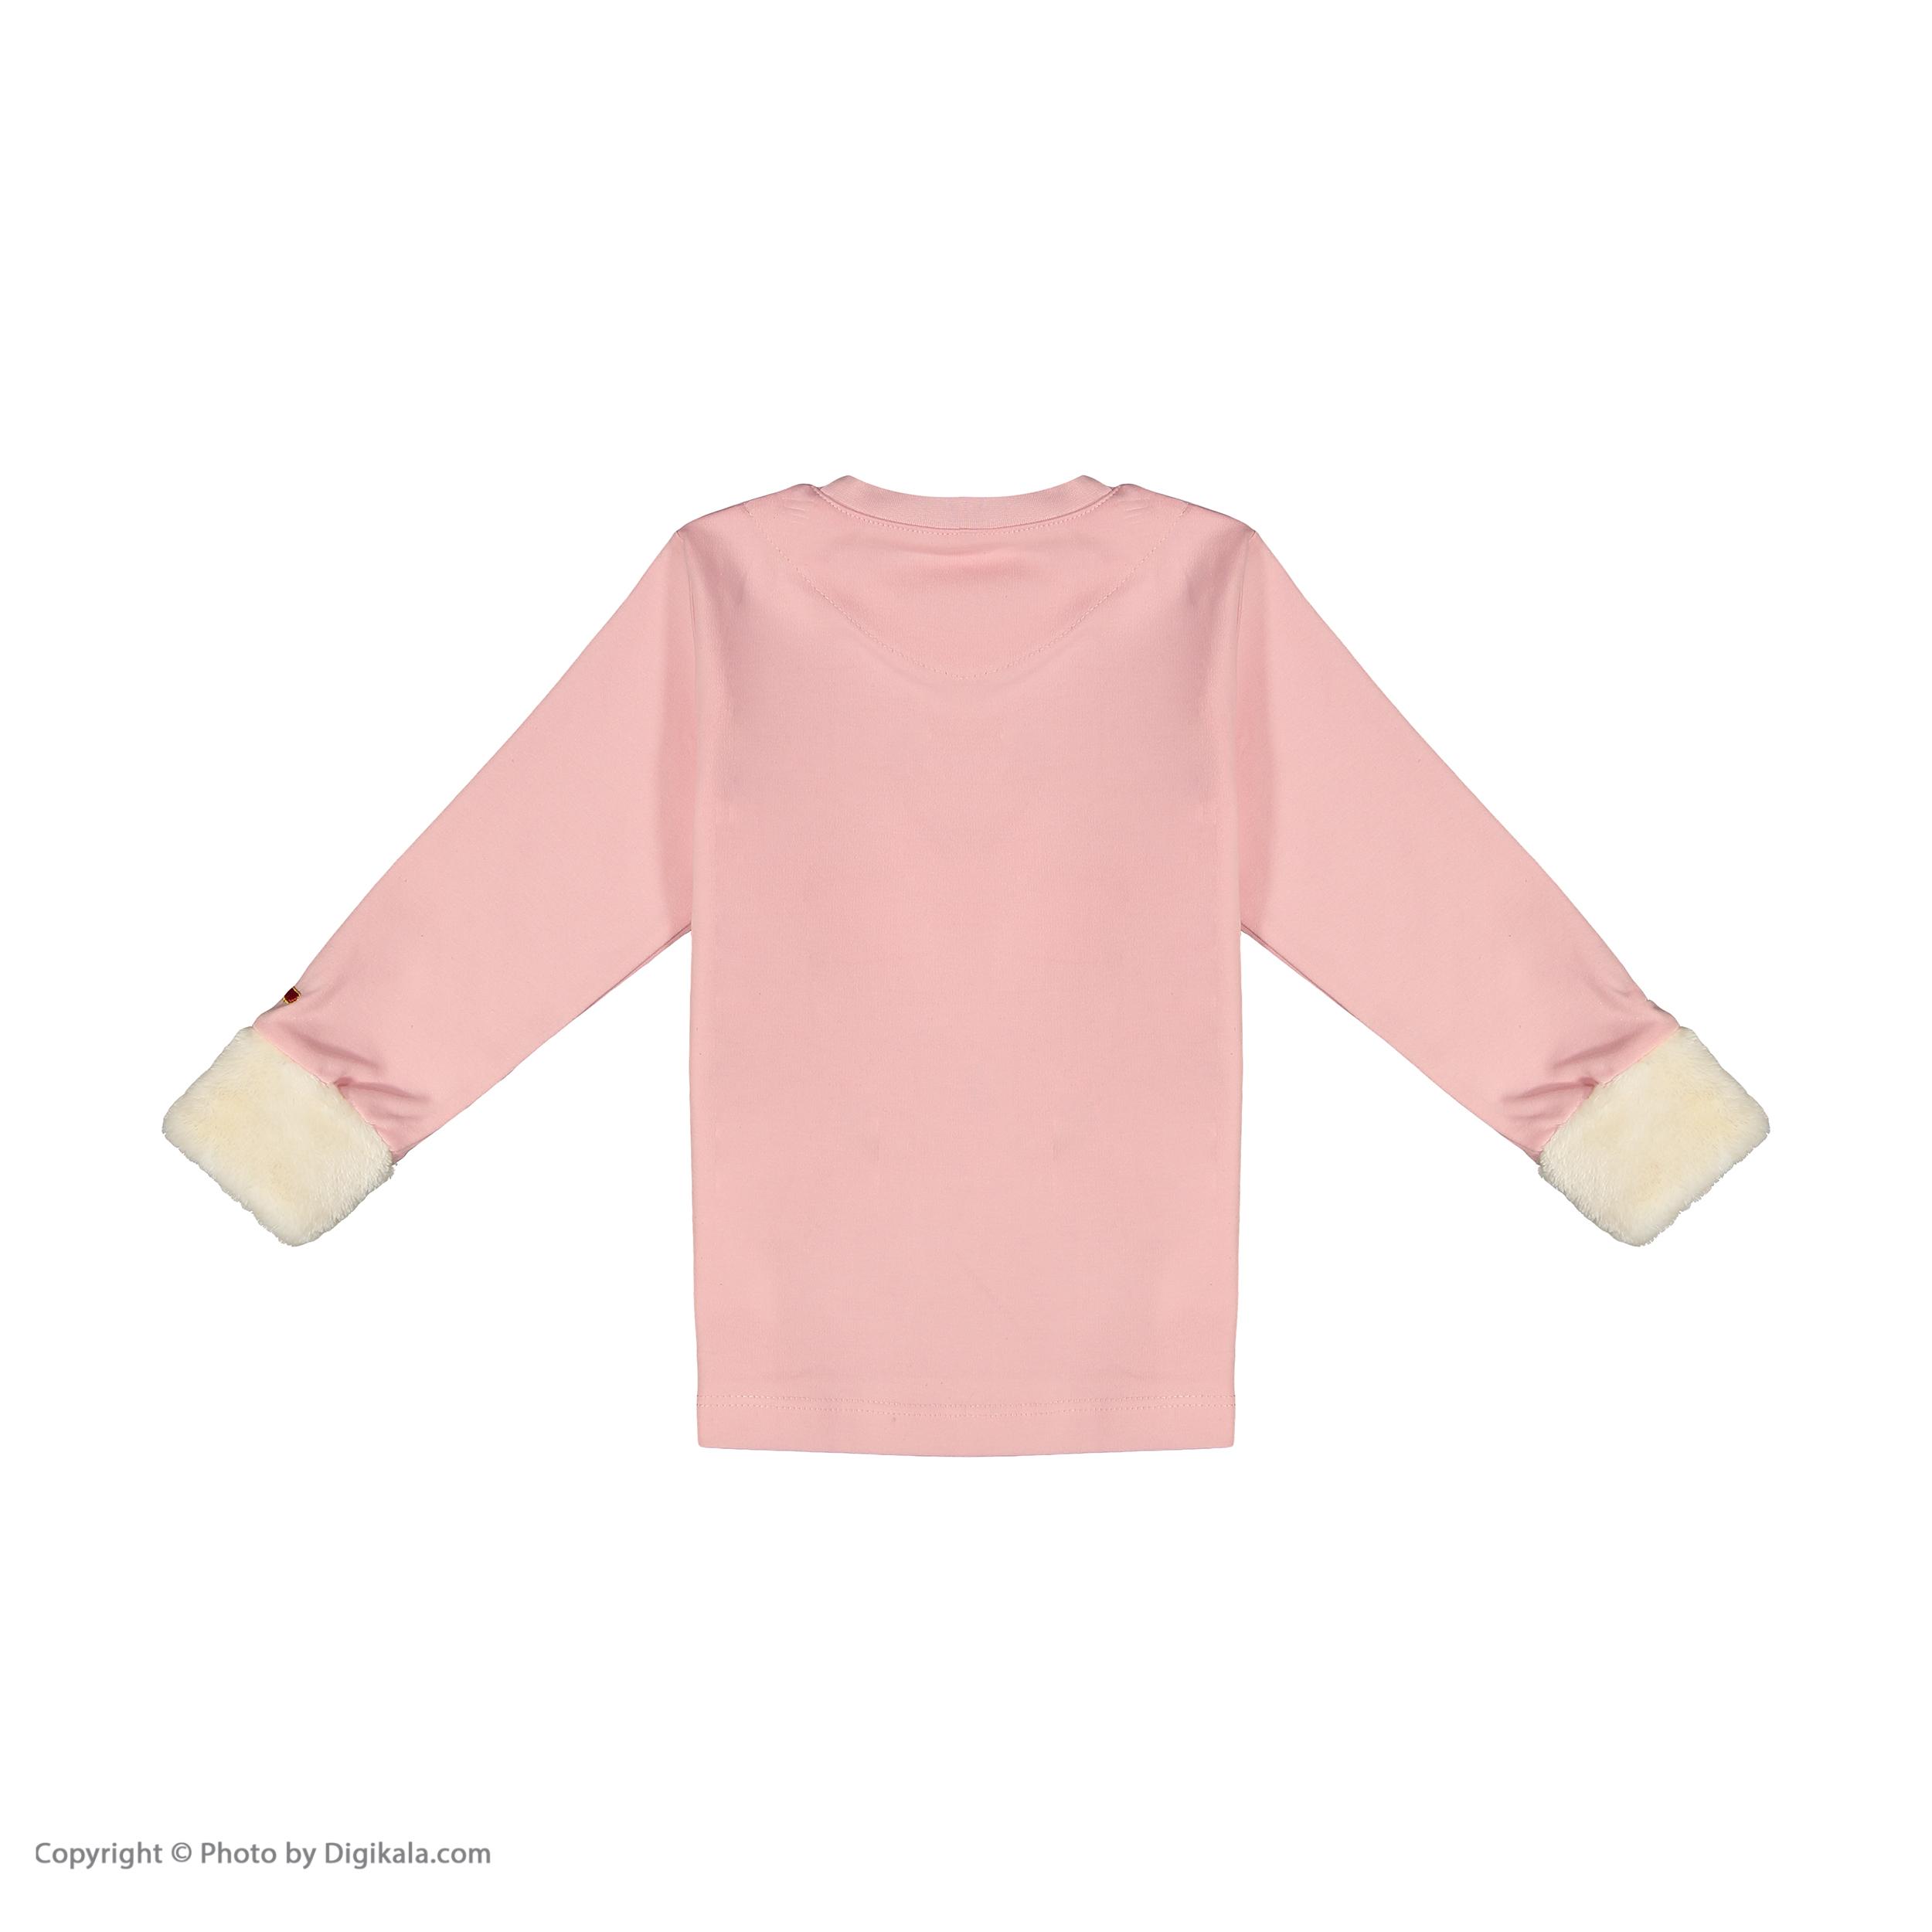 ست تی شرت و شلوار دخترانه مادر مدل 312-84 main 1 3